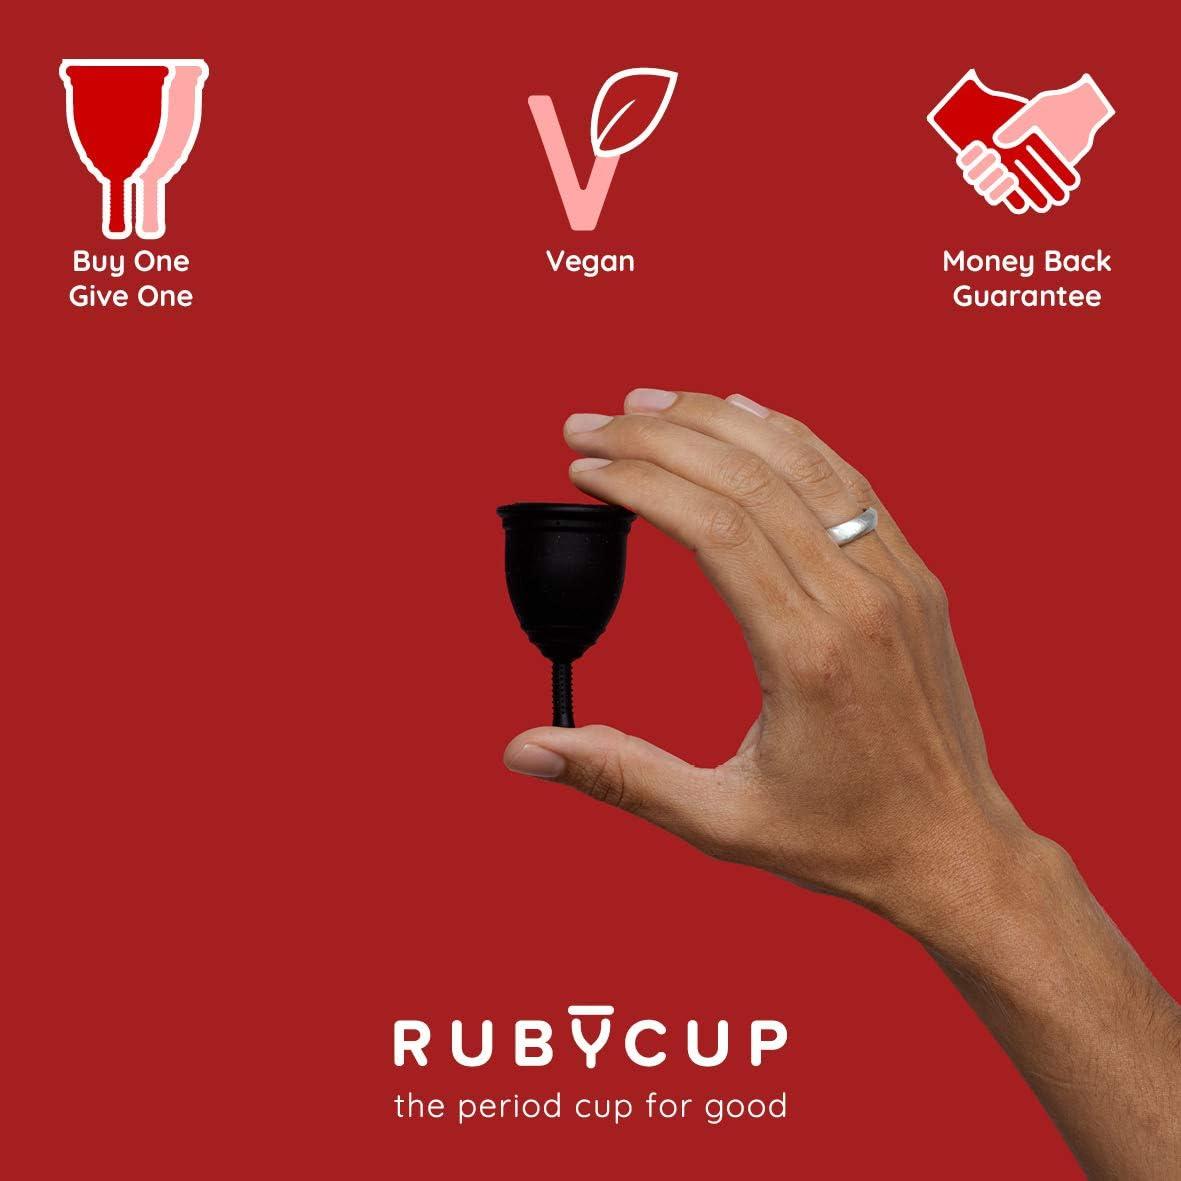 Ruby Cup - Copa menstrual hipoalergenica - talla S (pequeña, flujo ligero) – NEGRA – Incluye donación de copa. Perfecta para principiantes. Una ...